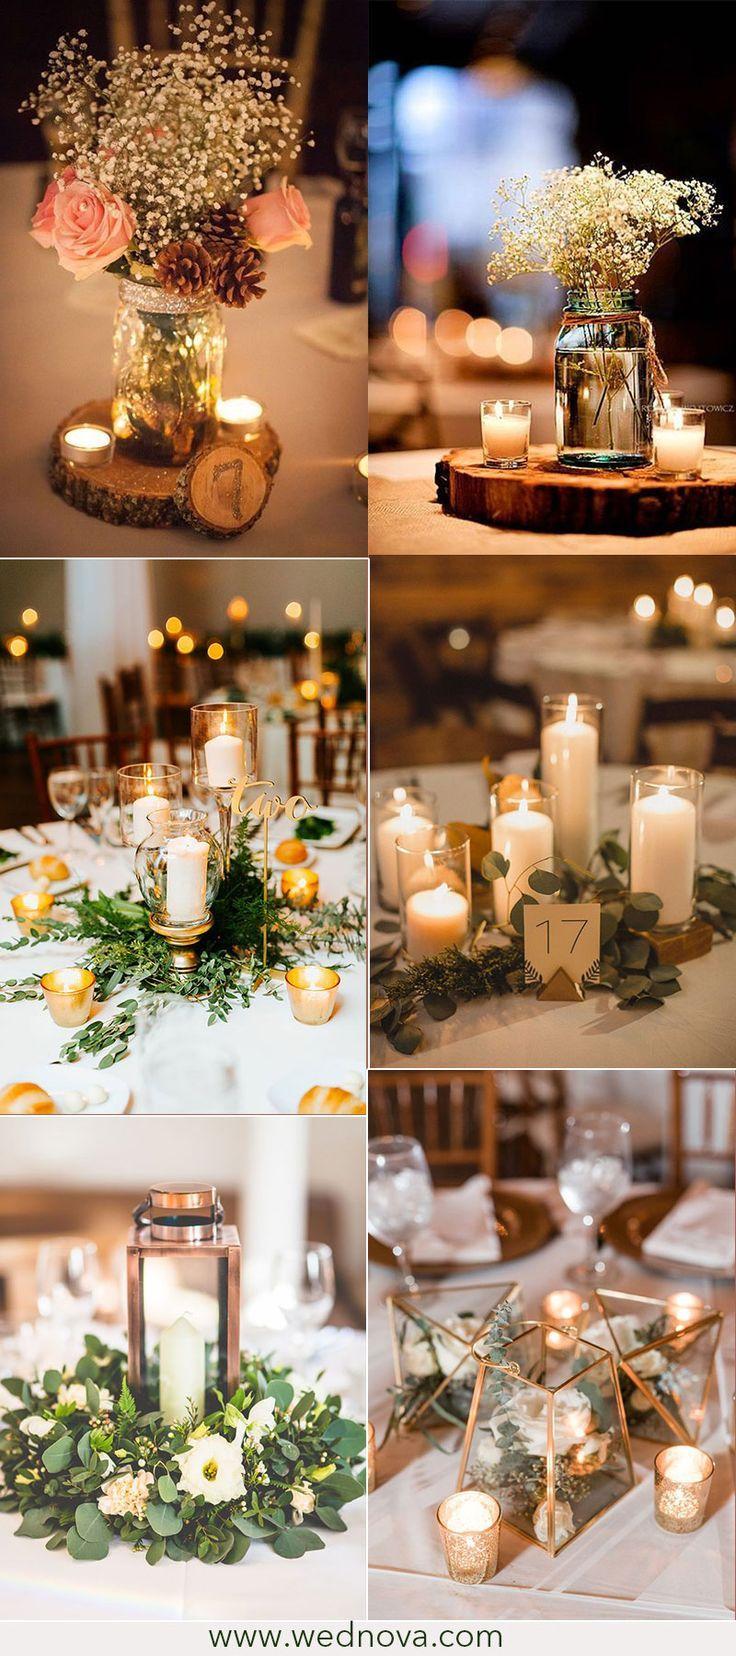 32 Ideen für grüne Hochzeitsdekorationen: günstige und umweltfreundliche Hochzeit – WedNova Blog